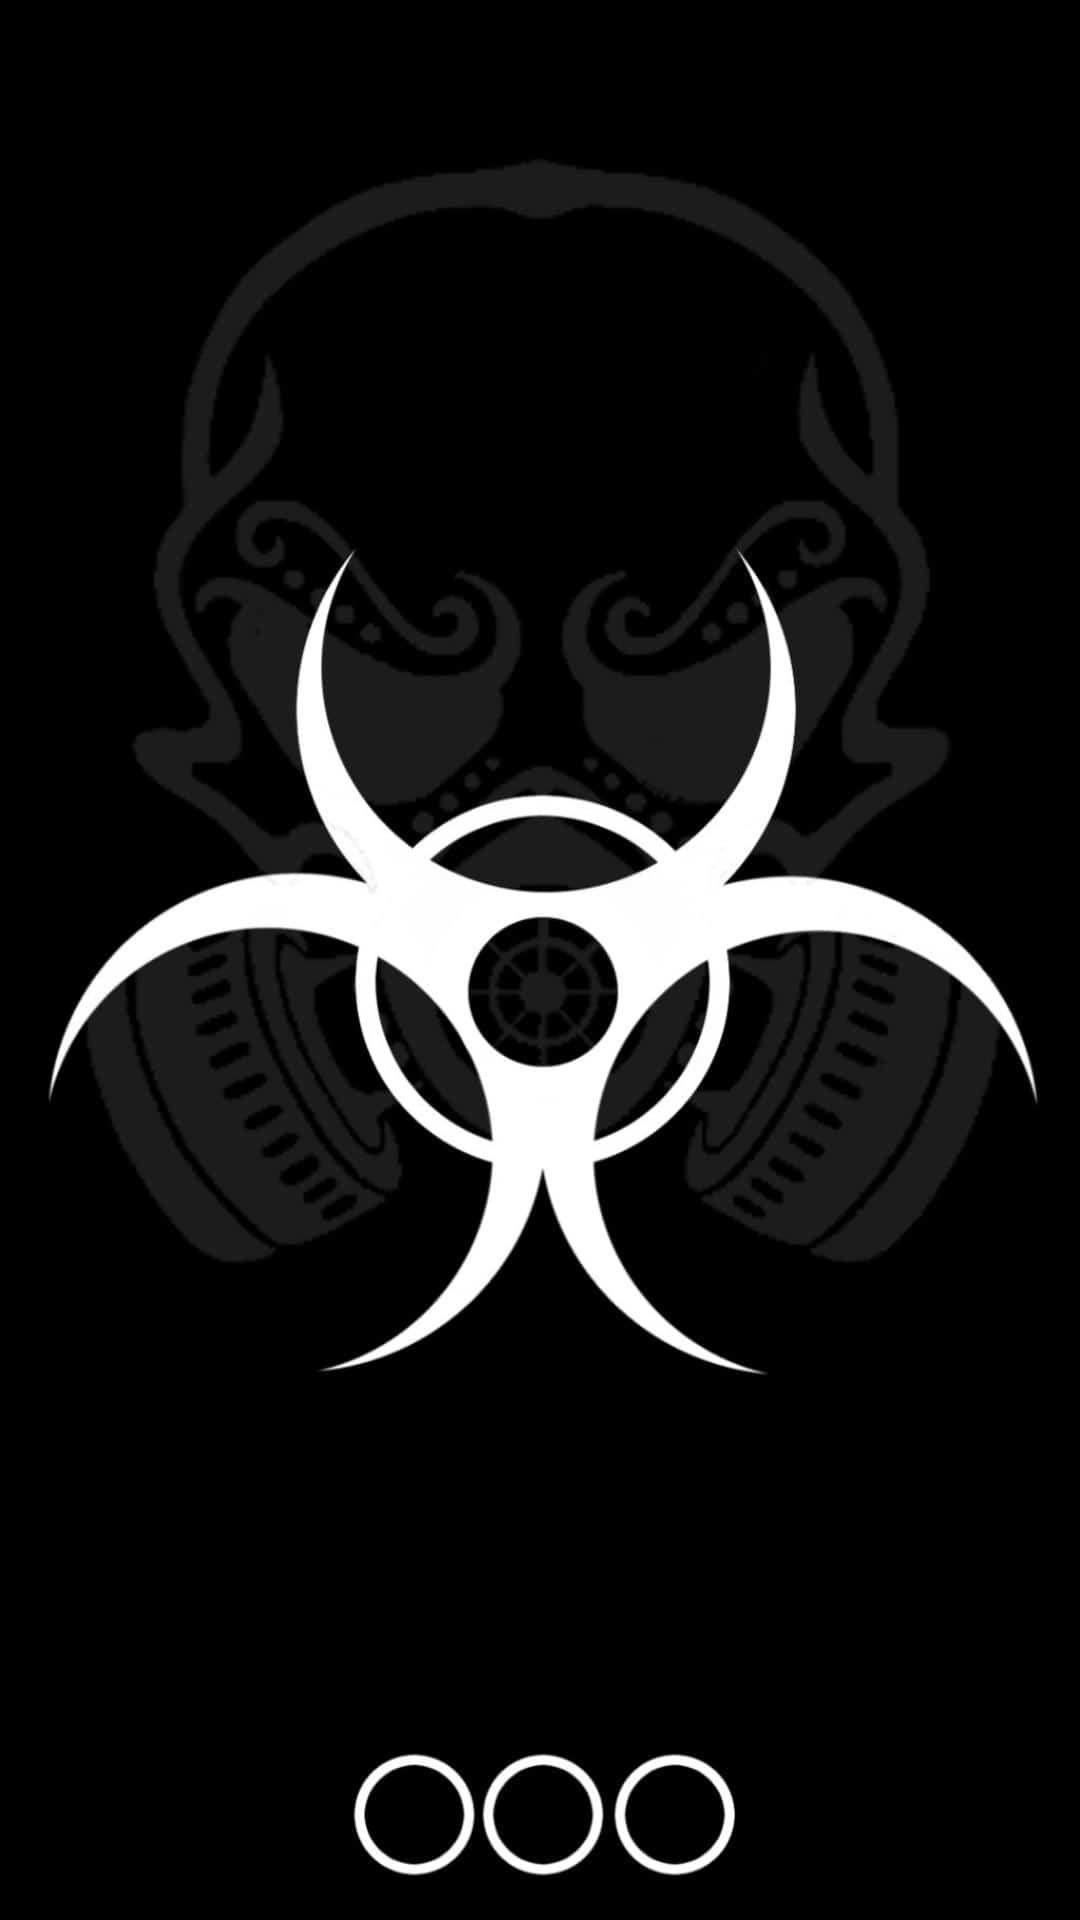 httpwallpaperformobile org17140biohazard wallpaper android